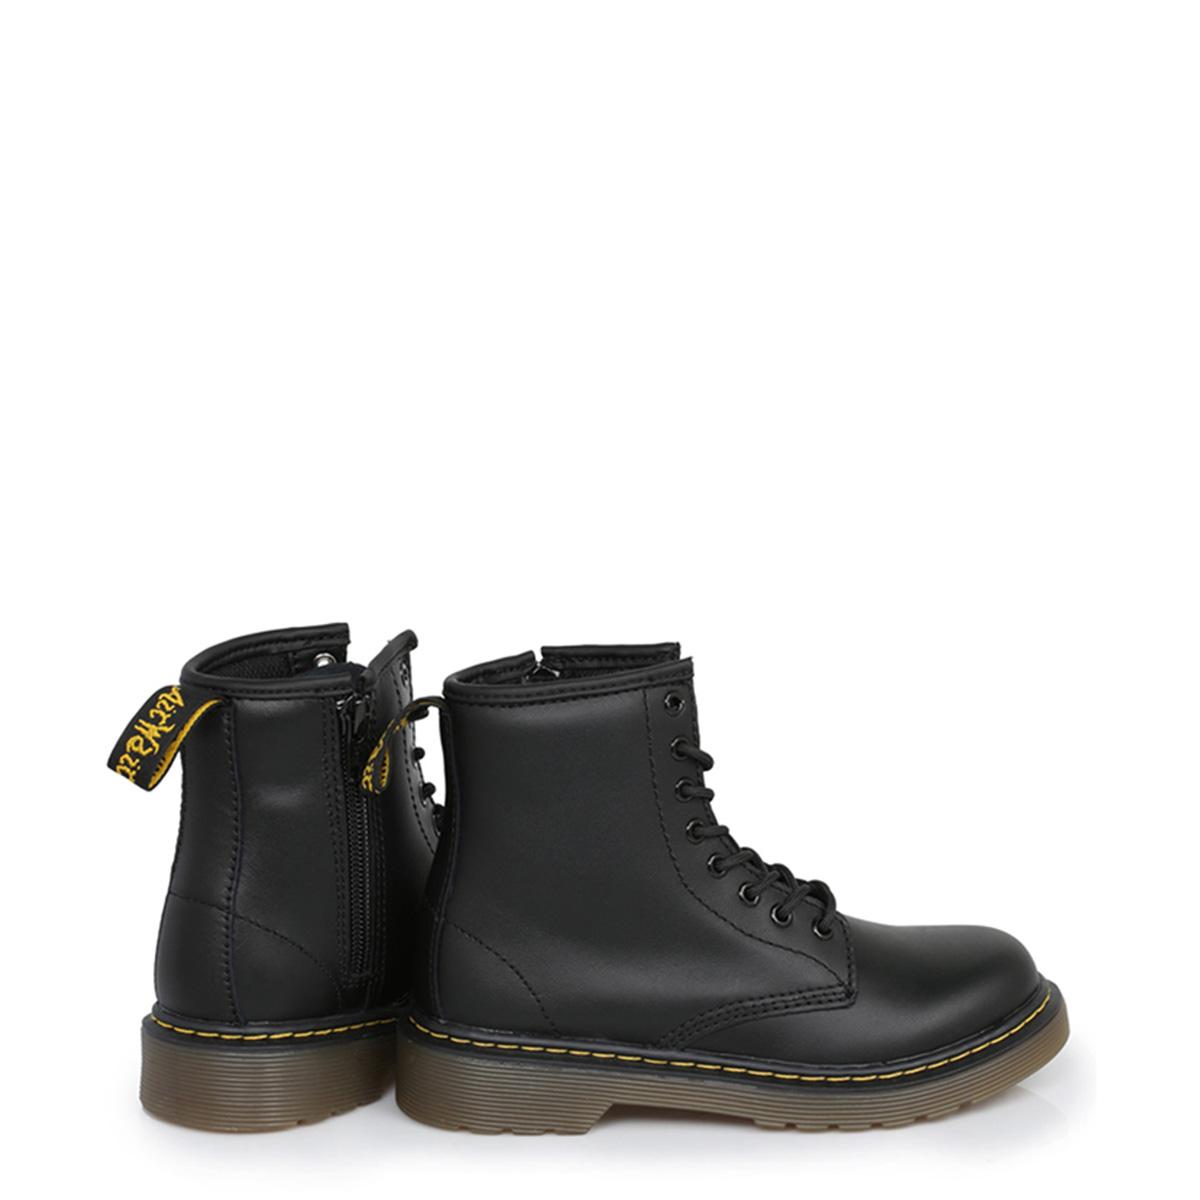 b109409133af Details about Dr. Martens Infant Girls Boys Kids Docs Boots Delaney Black  Leather Shoes Ankle